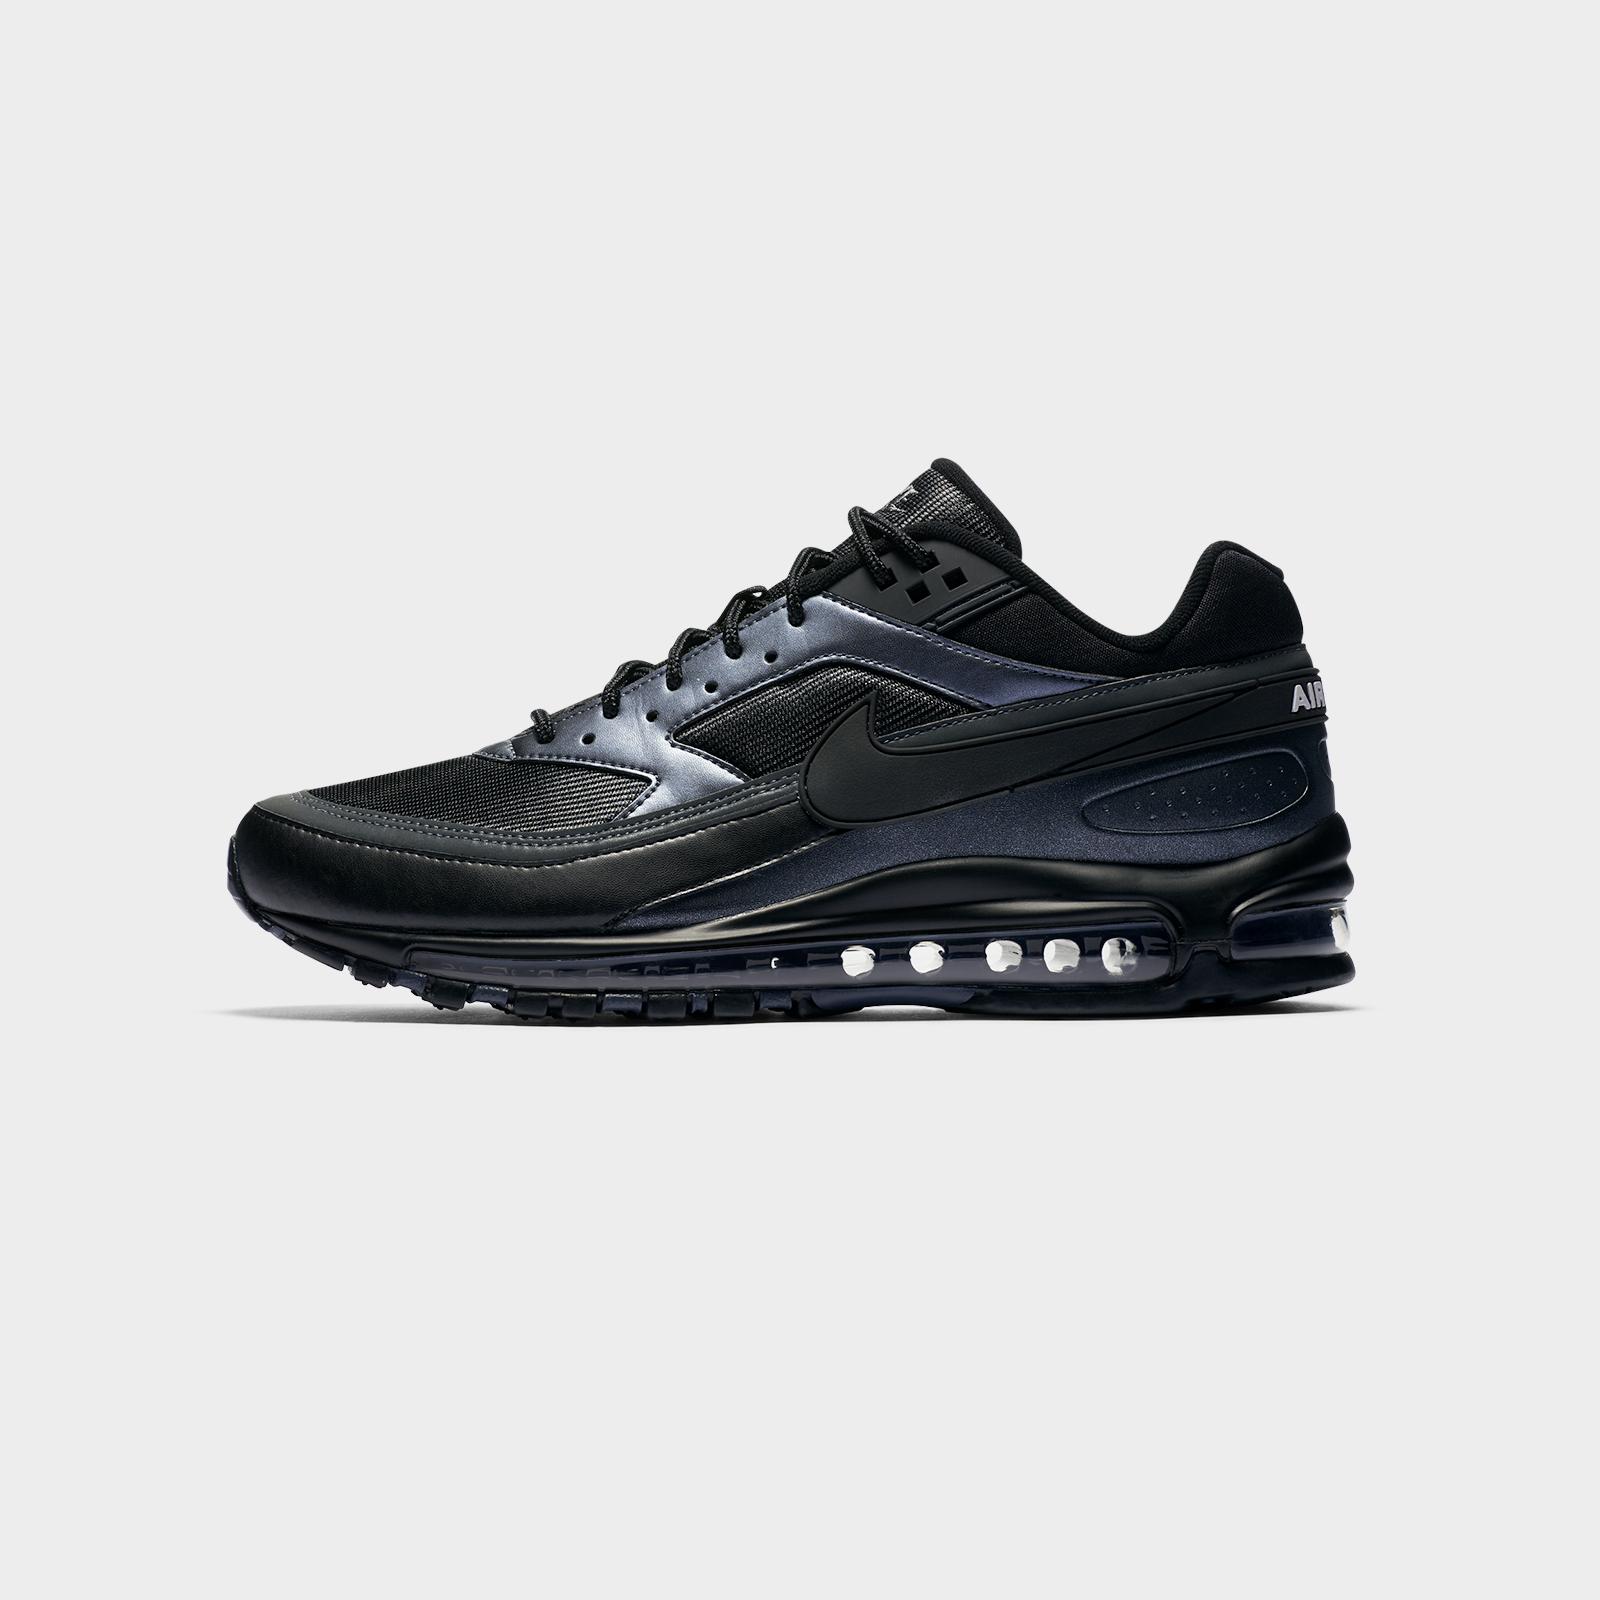 competitive price 5ad39 4709e ... denmark nike sportswear air max 97 bw 0116f 2484e